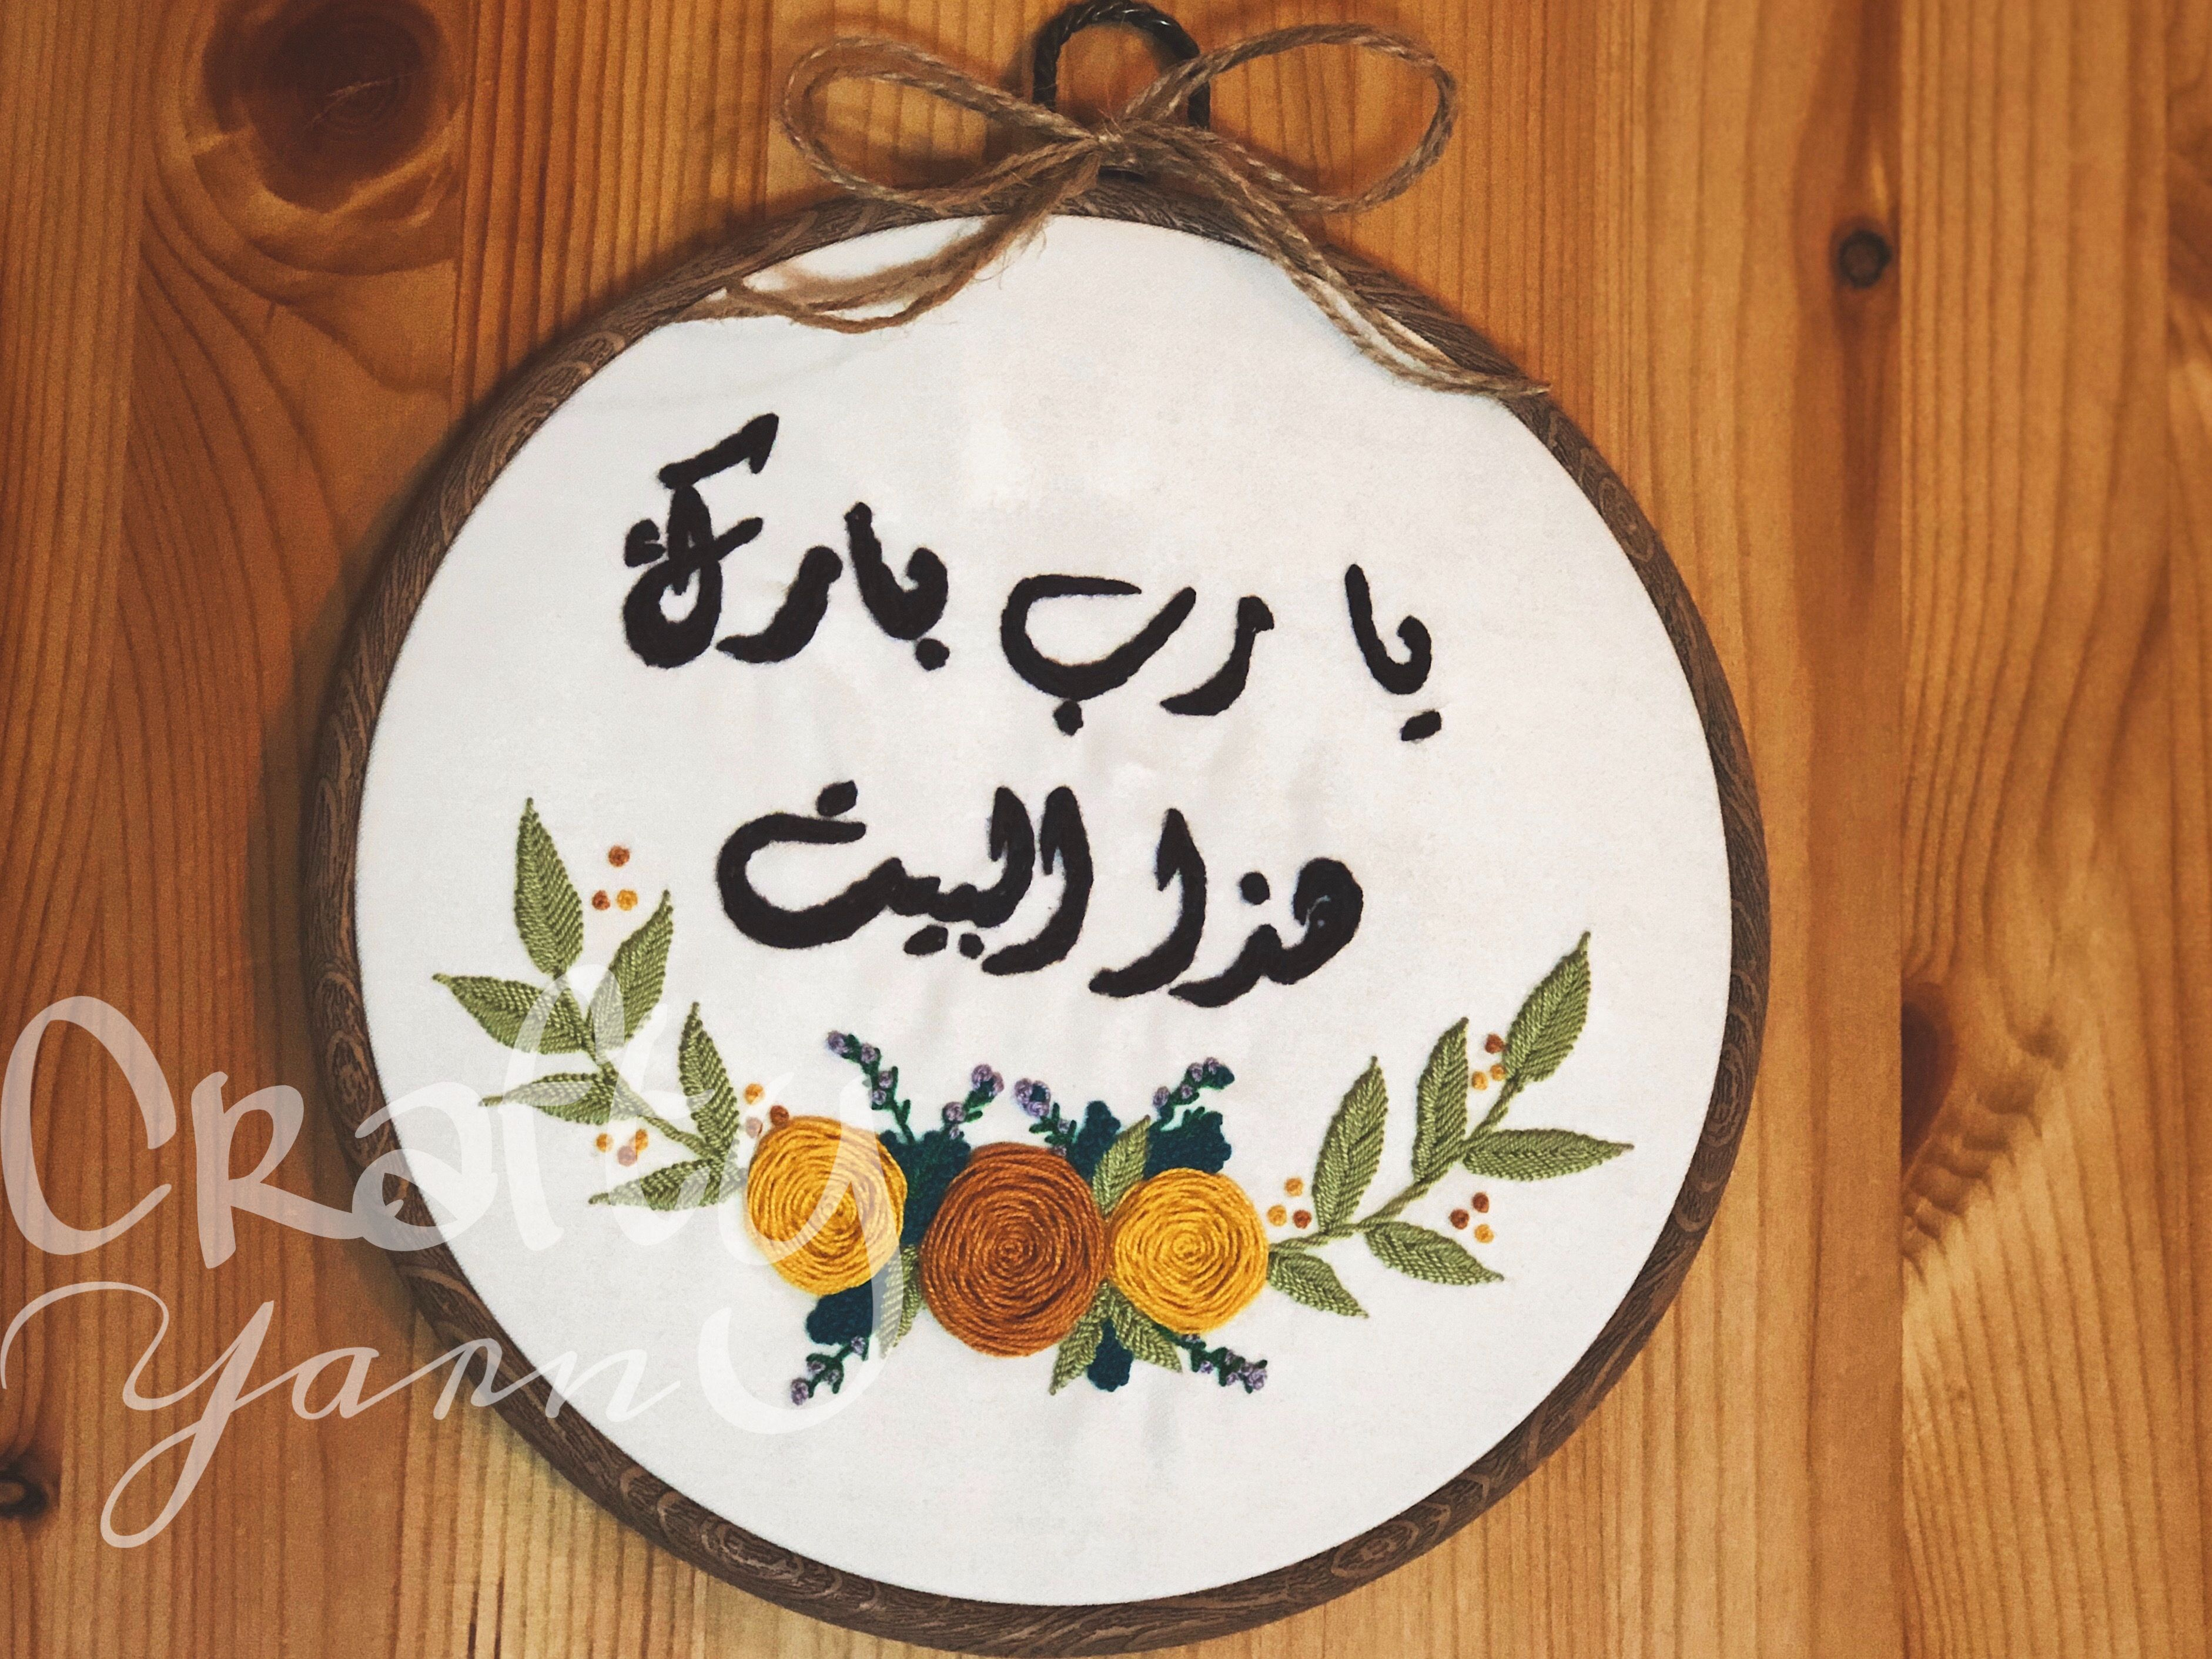 Handmade Emproidery تطريز يديوي Simple Embroidery Hand Embroidery Embroidery